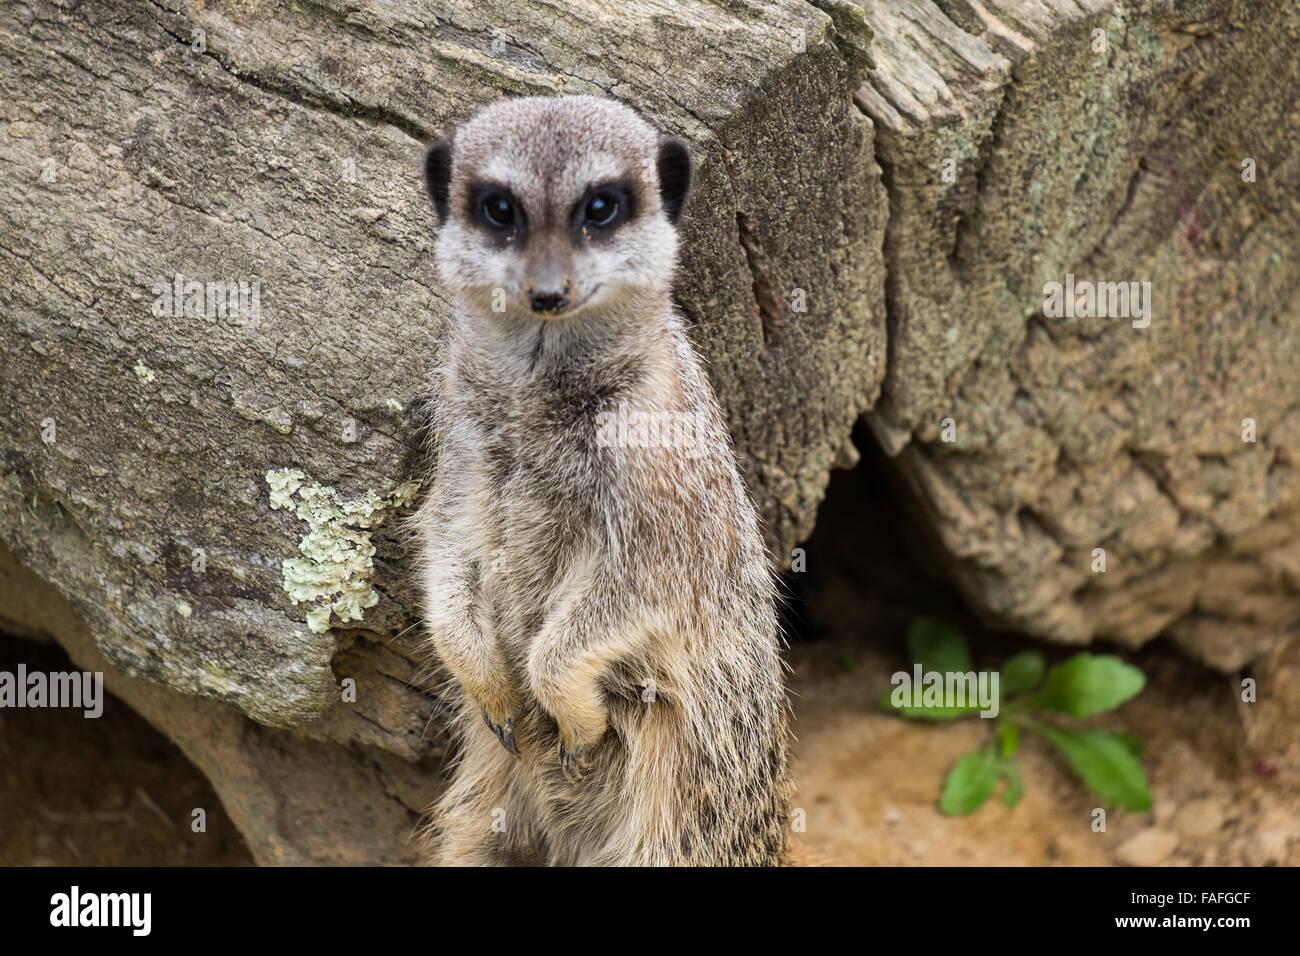 Alert Meercat Standing - Stock Image